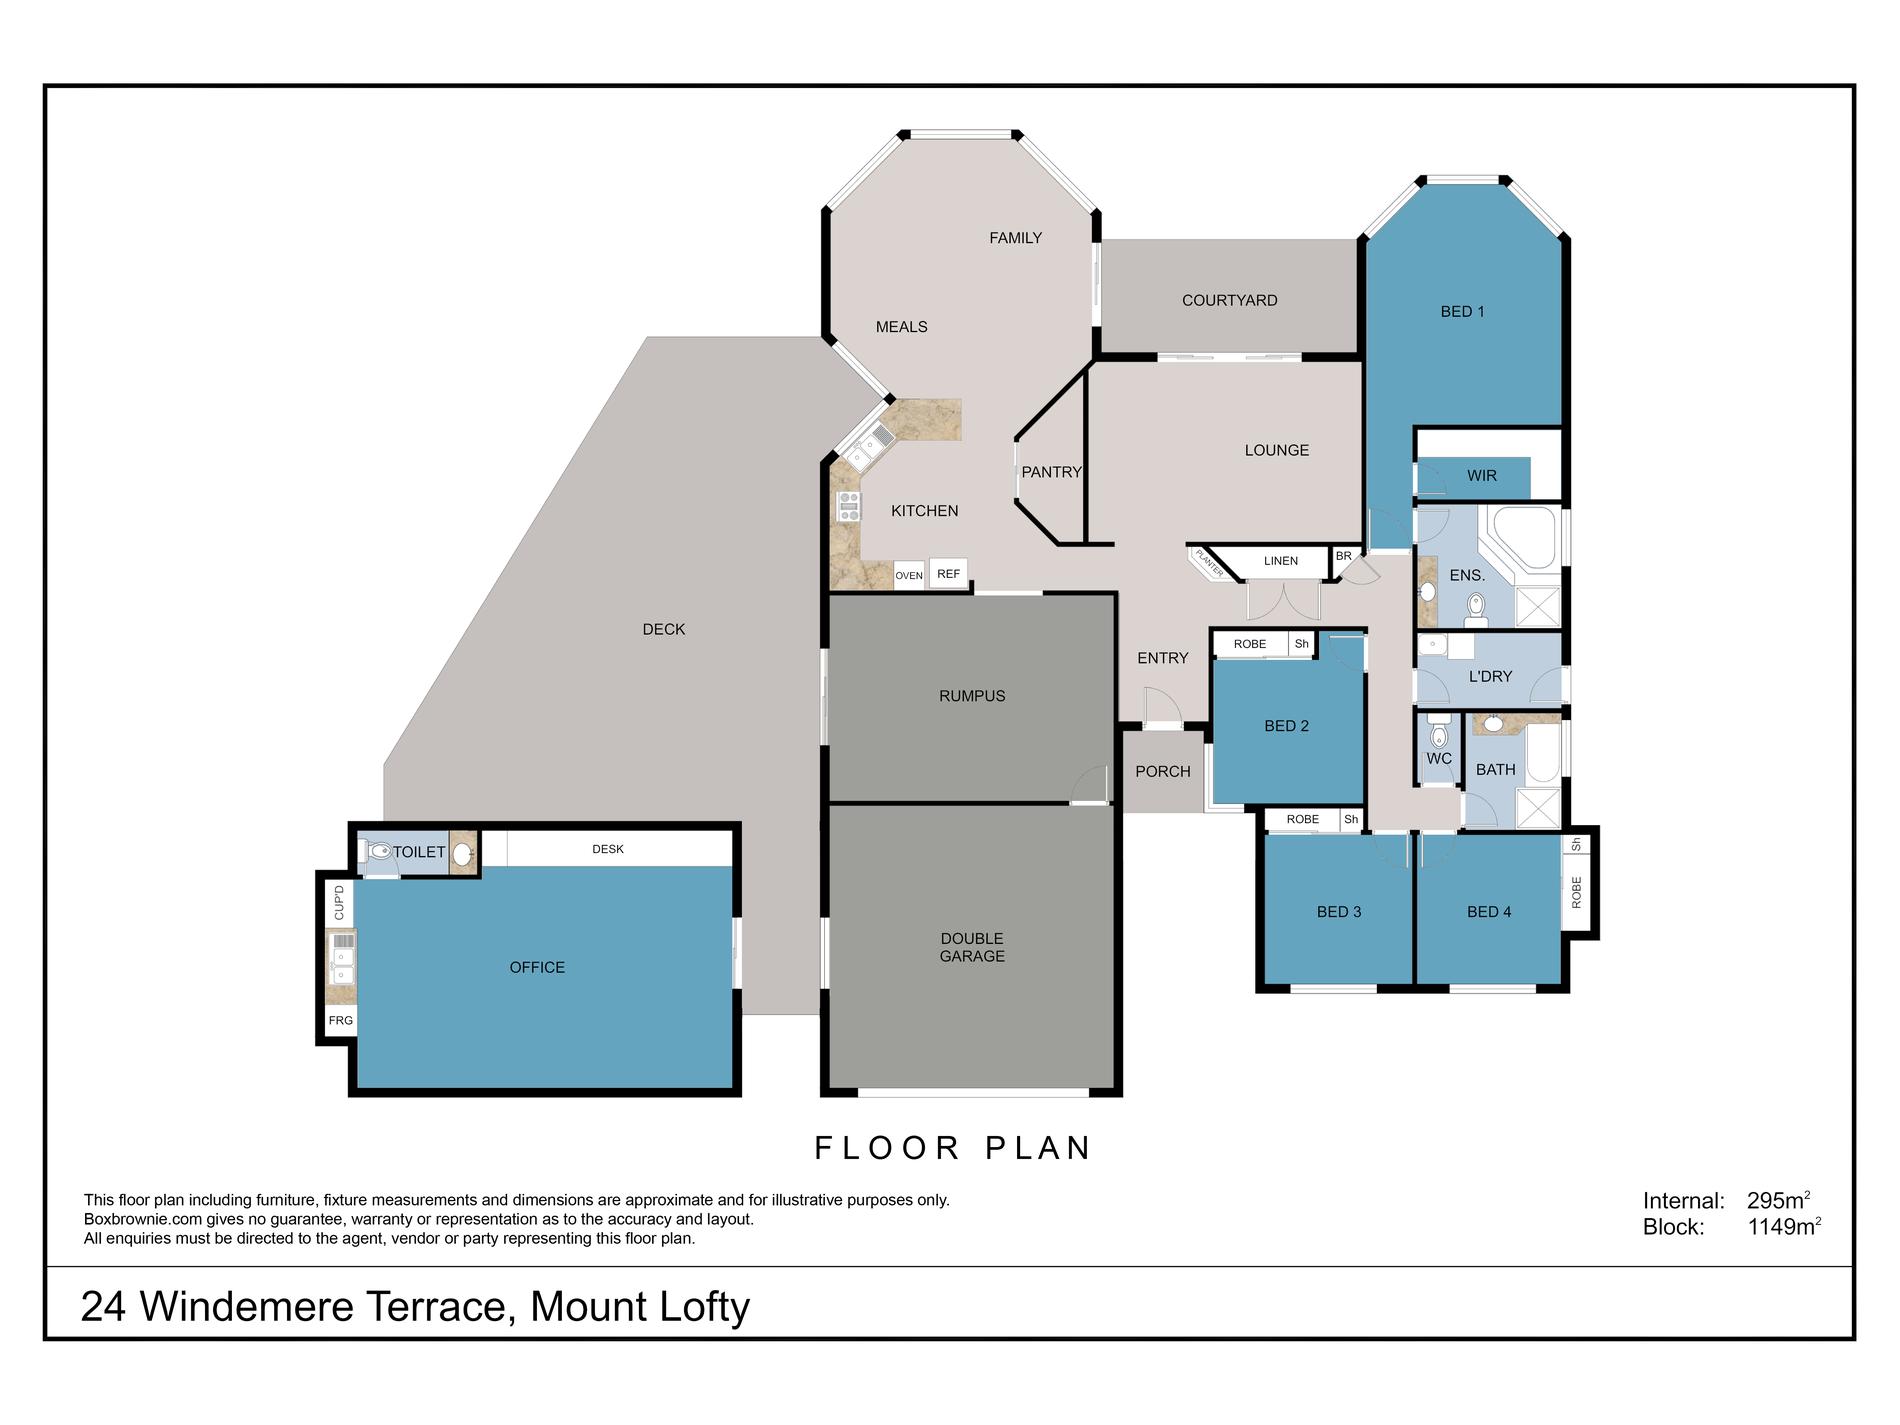 24 Windemere Terrace, Mount Lofty